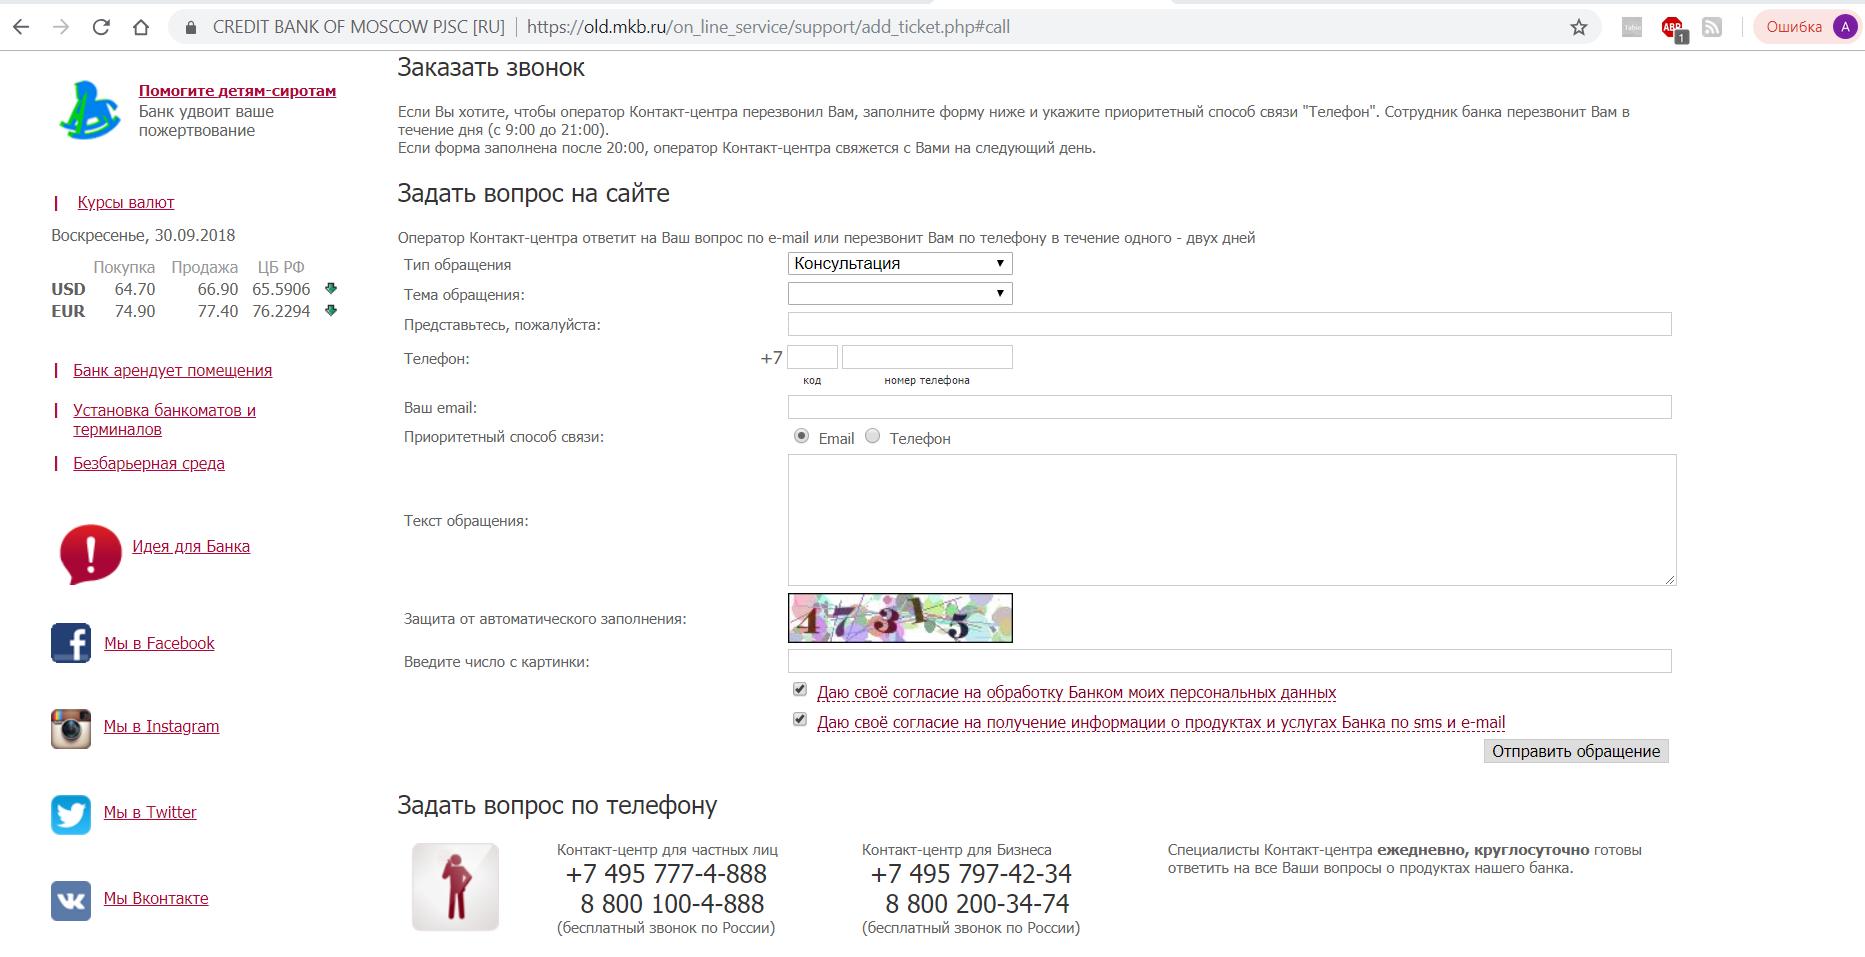 мкб онлайн кредит евразийский банк